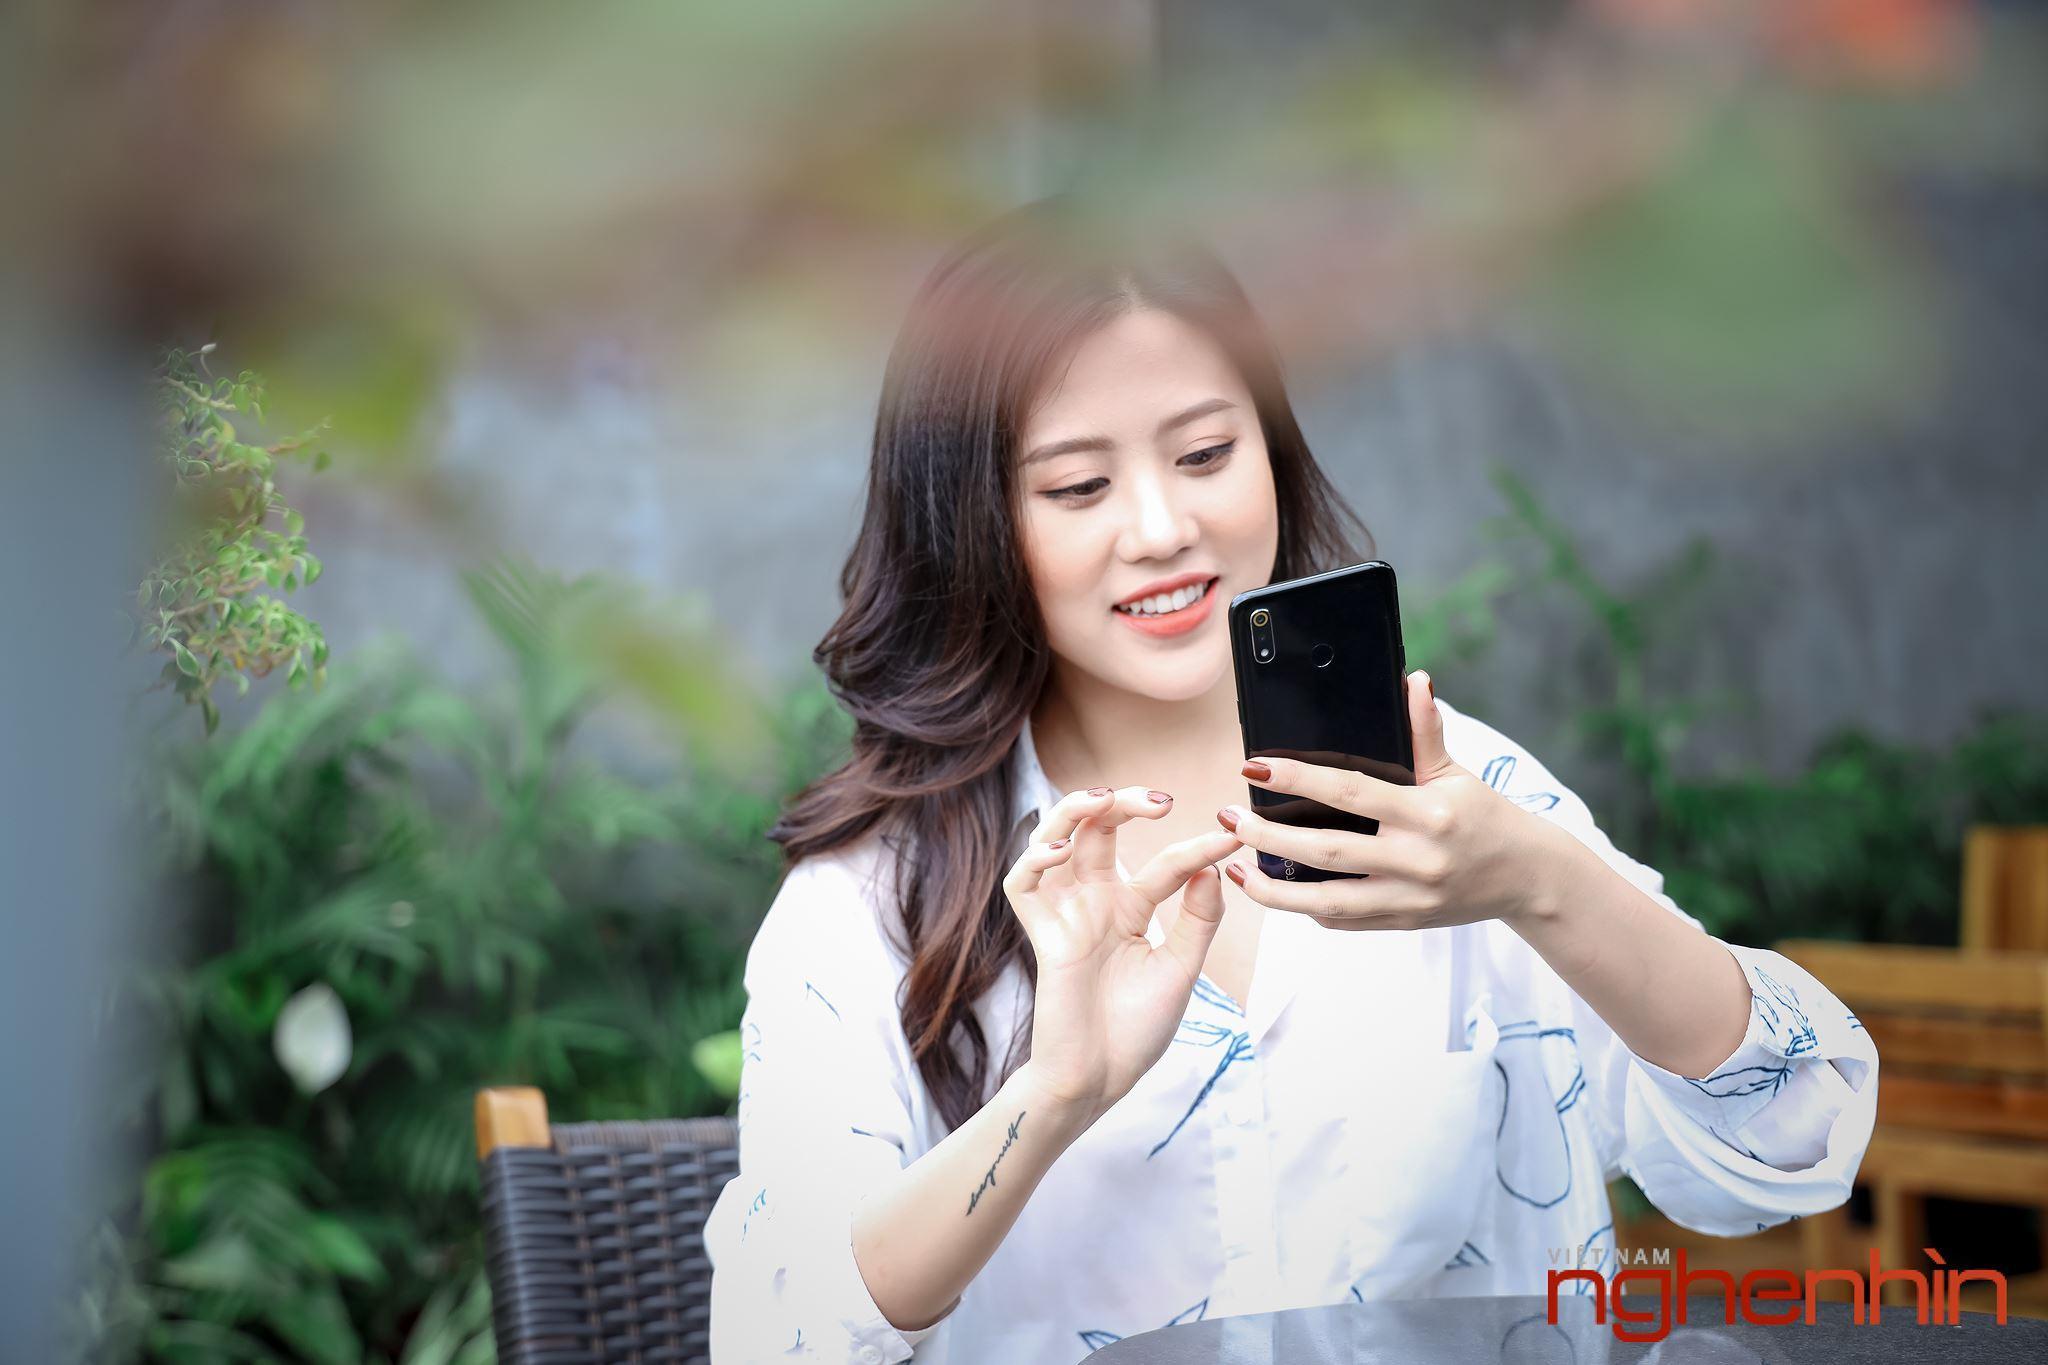 Chiêm ngưỡng bóng hồng gợi cảm, năng động và cá tính cùng Realme 3 Ảnh 13